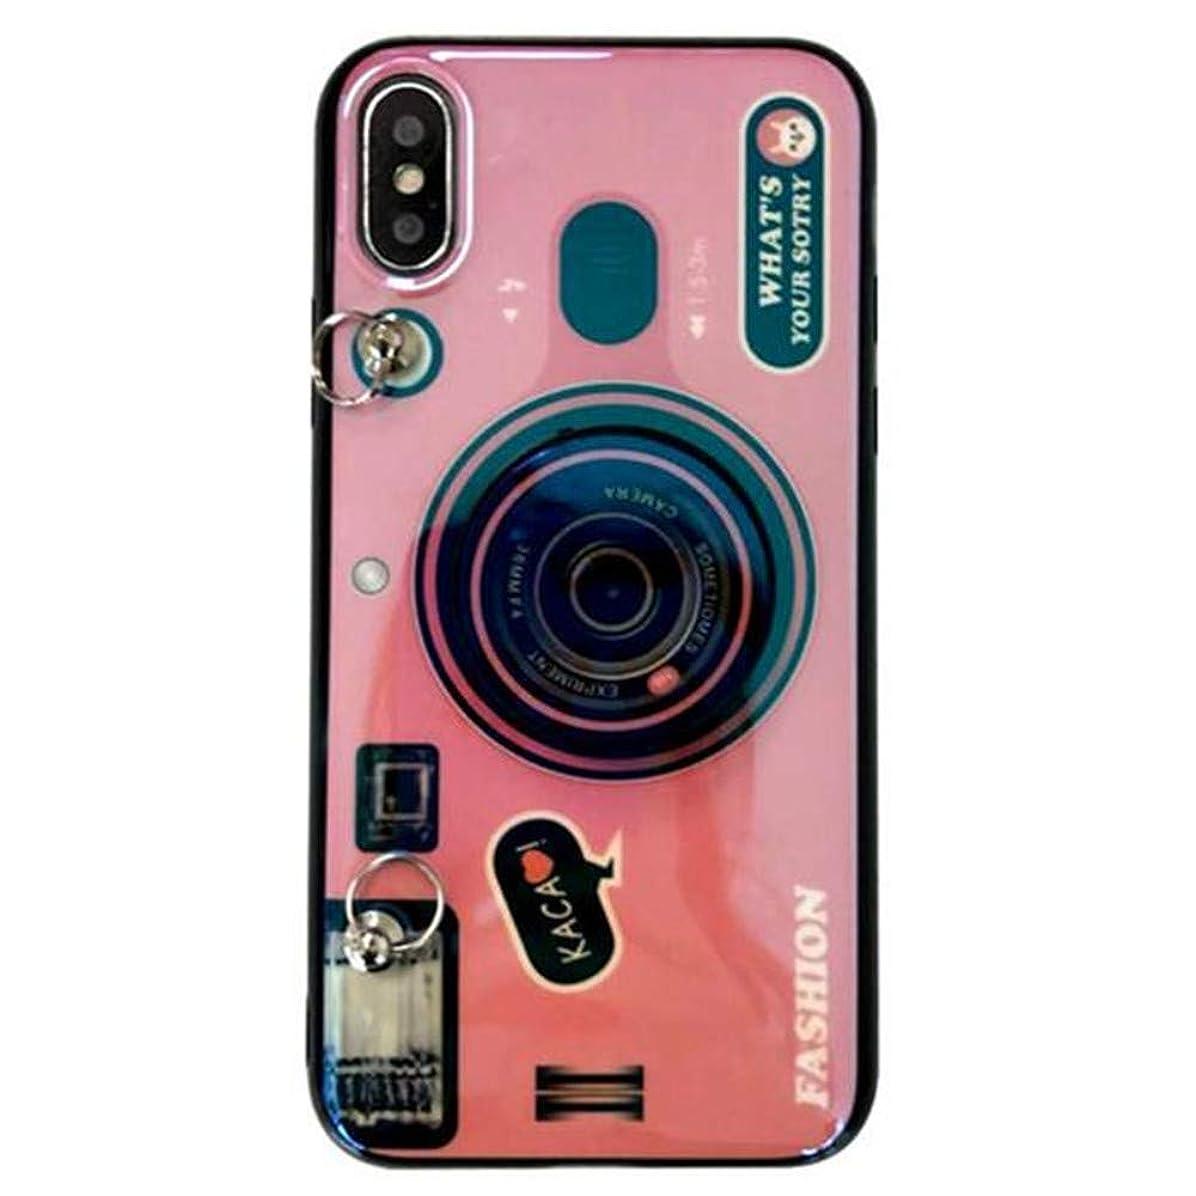 キャンプ誇り任命該当するiPhone X/iPhone XS/iPhone XS Max携帯電話ケーススリングストラップトレンド女性の携帯電話ケース